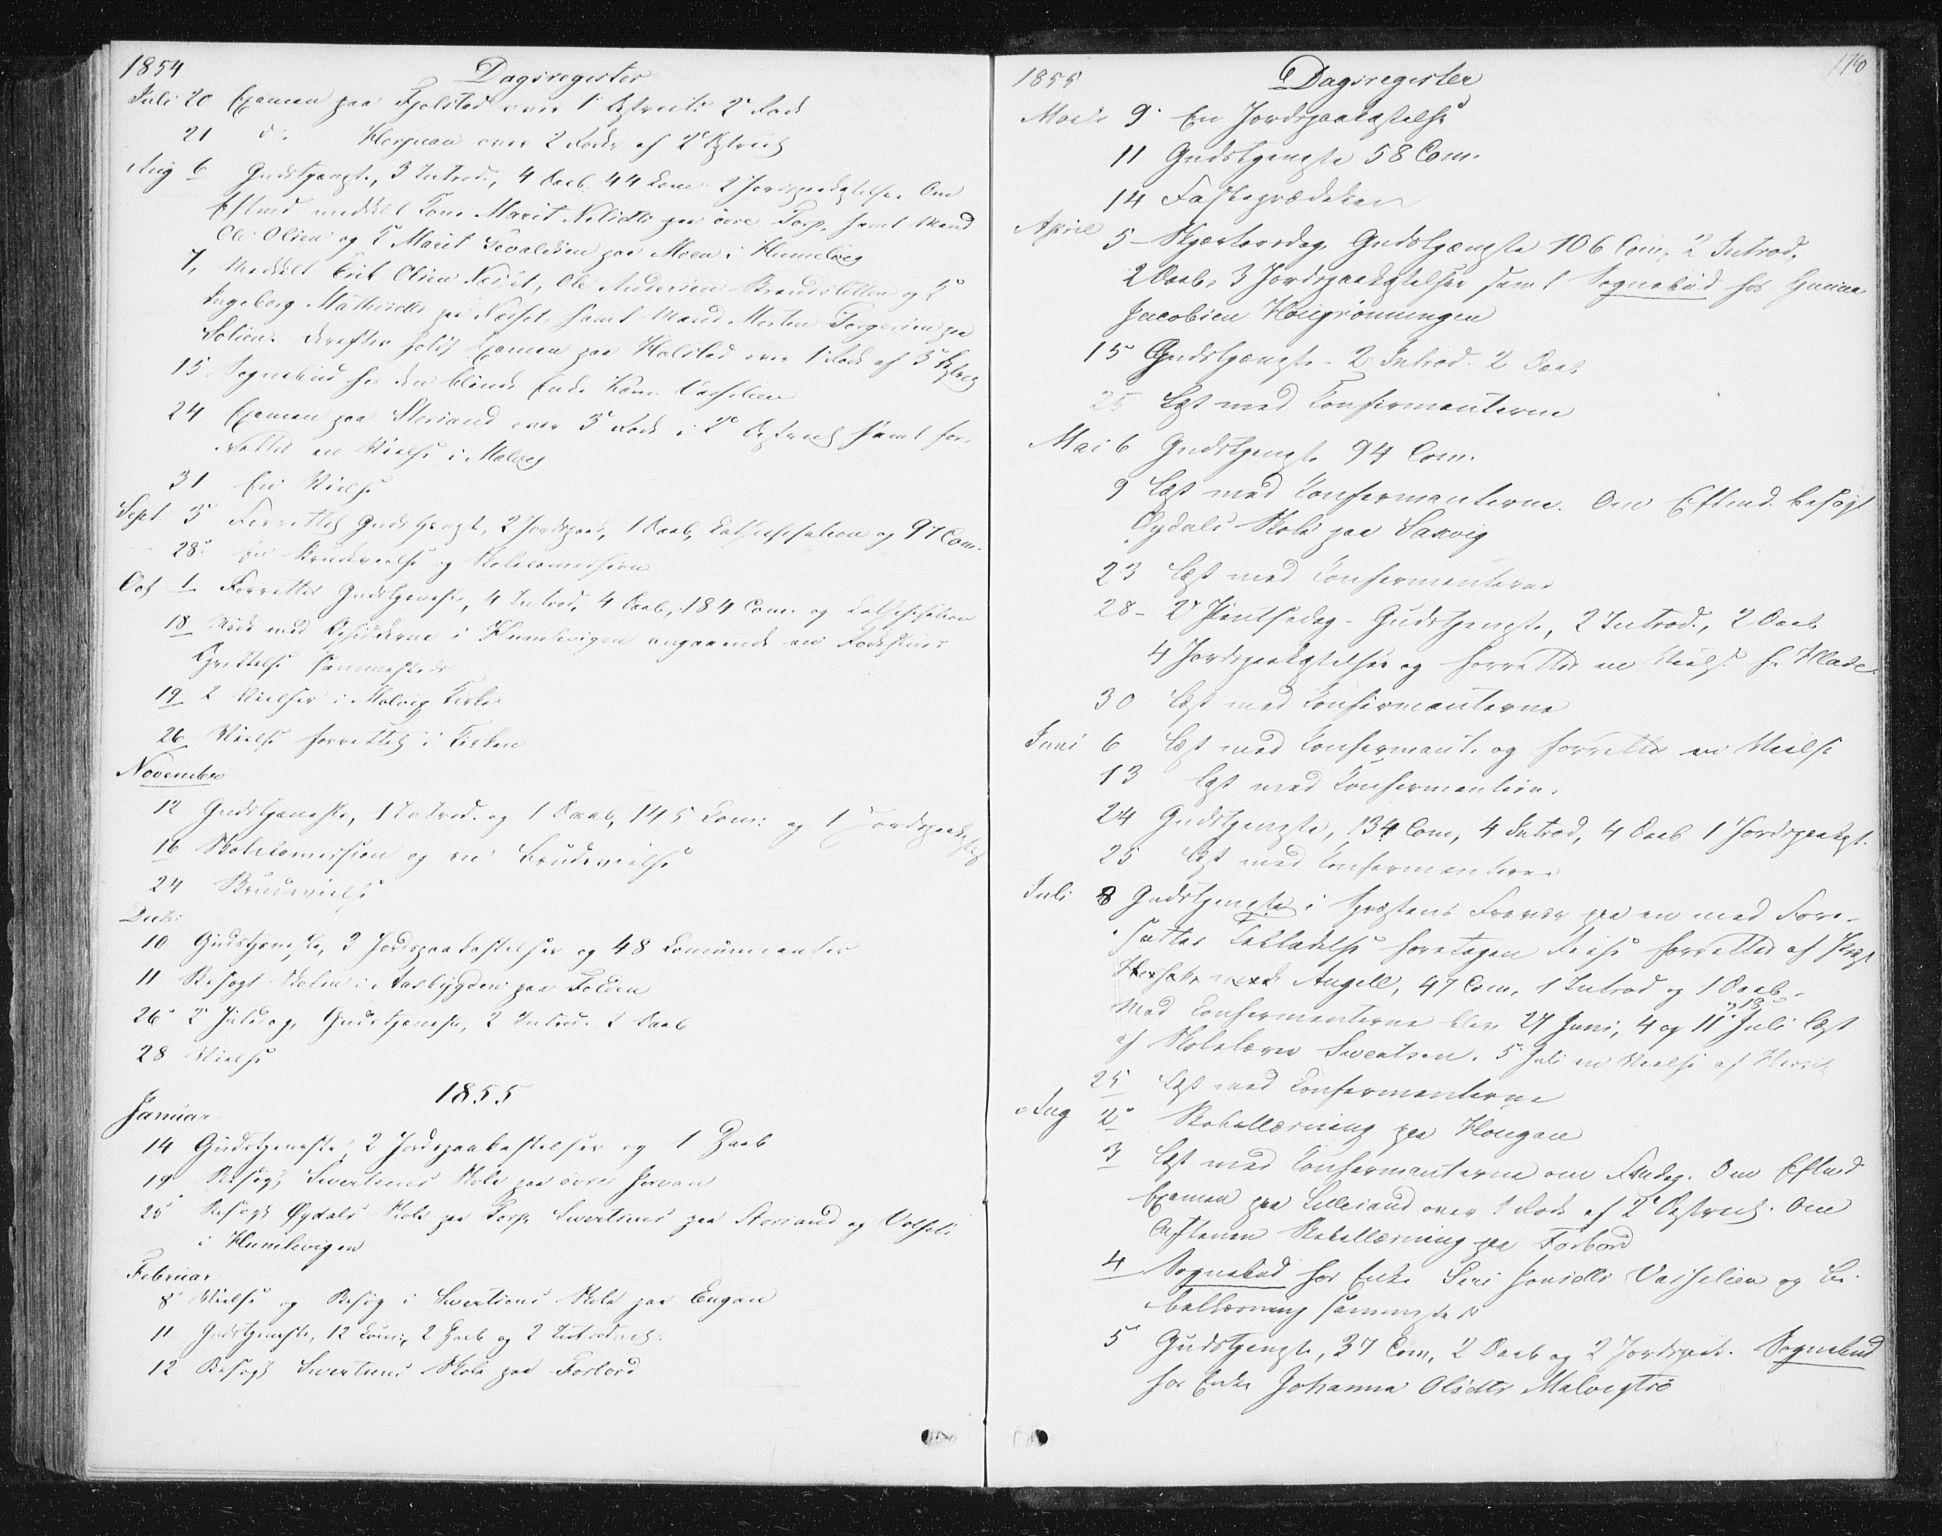 SAT, Ministerialprotokoller, klokkerbøker og fødselsregistre - Sør-Trøndelag, 616/L0407: Ministerialbok nr. 616A04, 1848-1856, s. 178